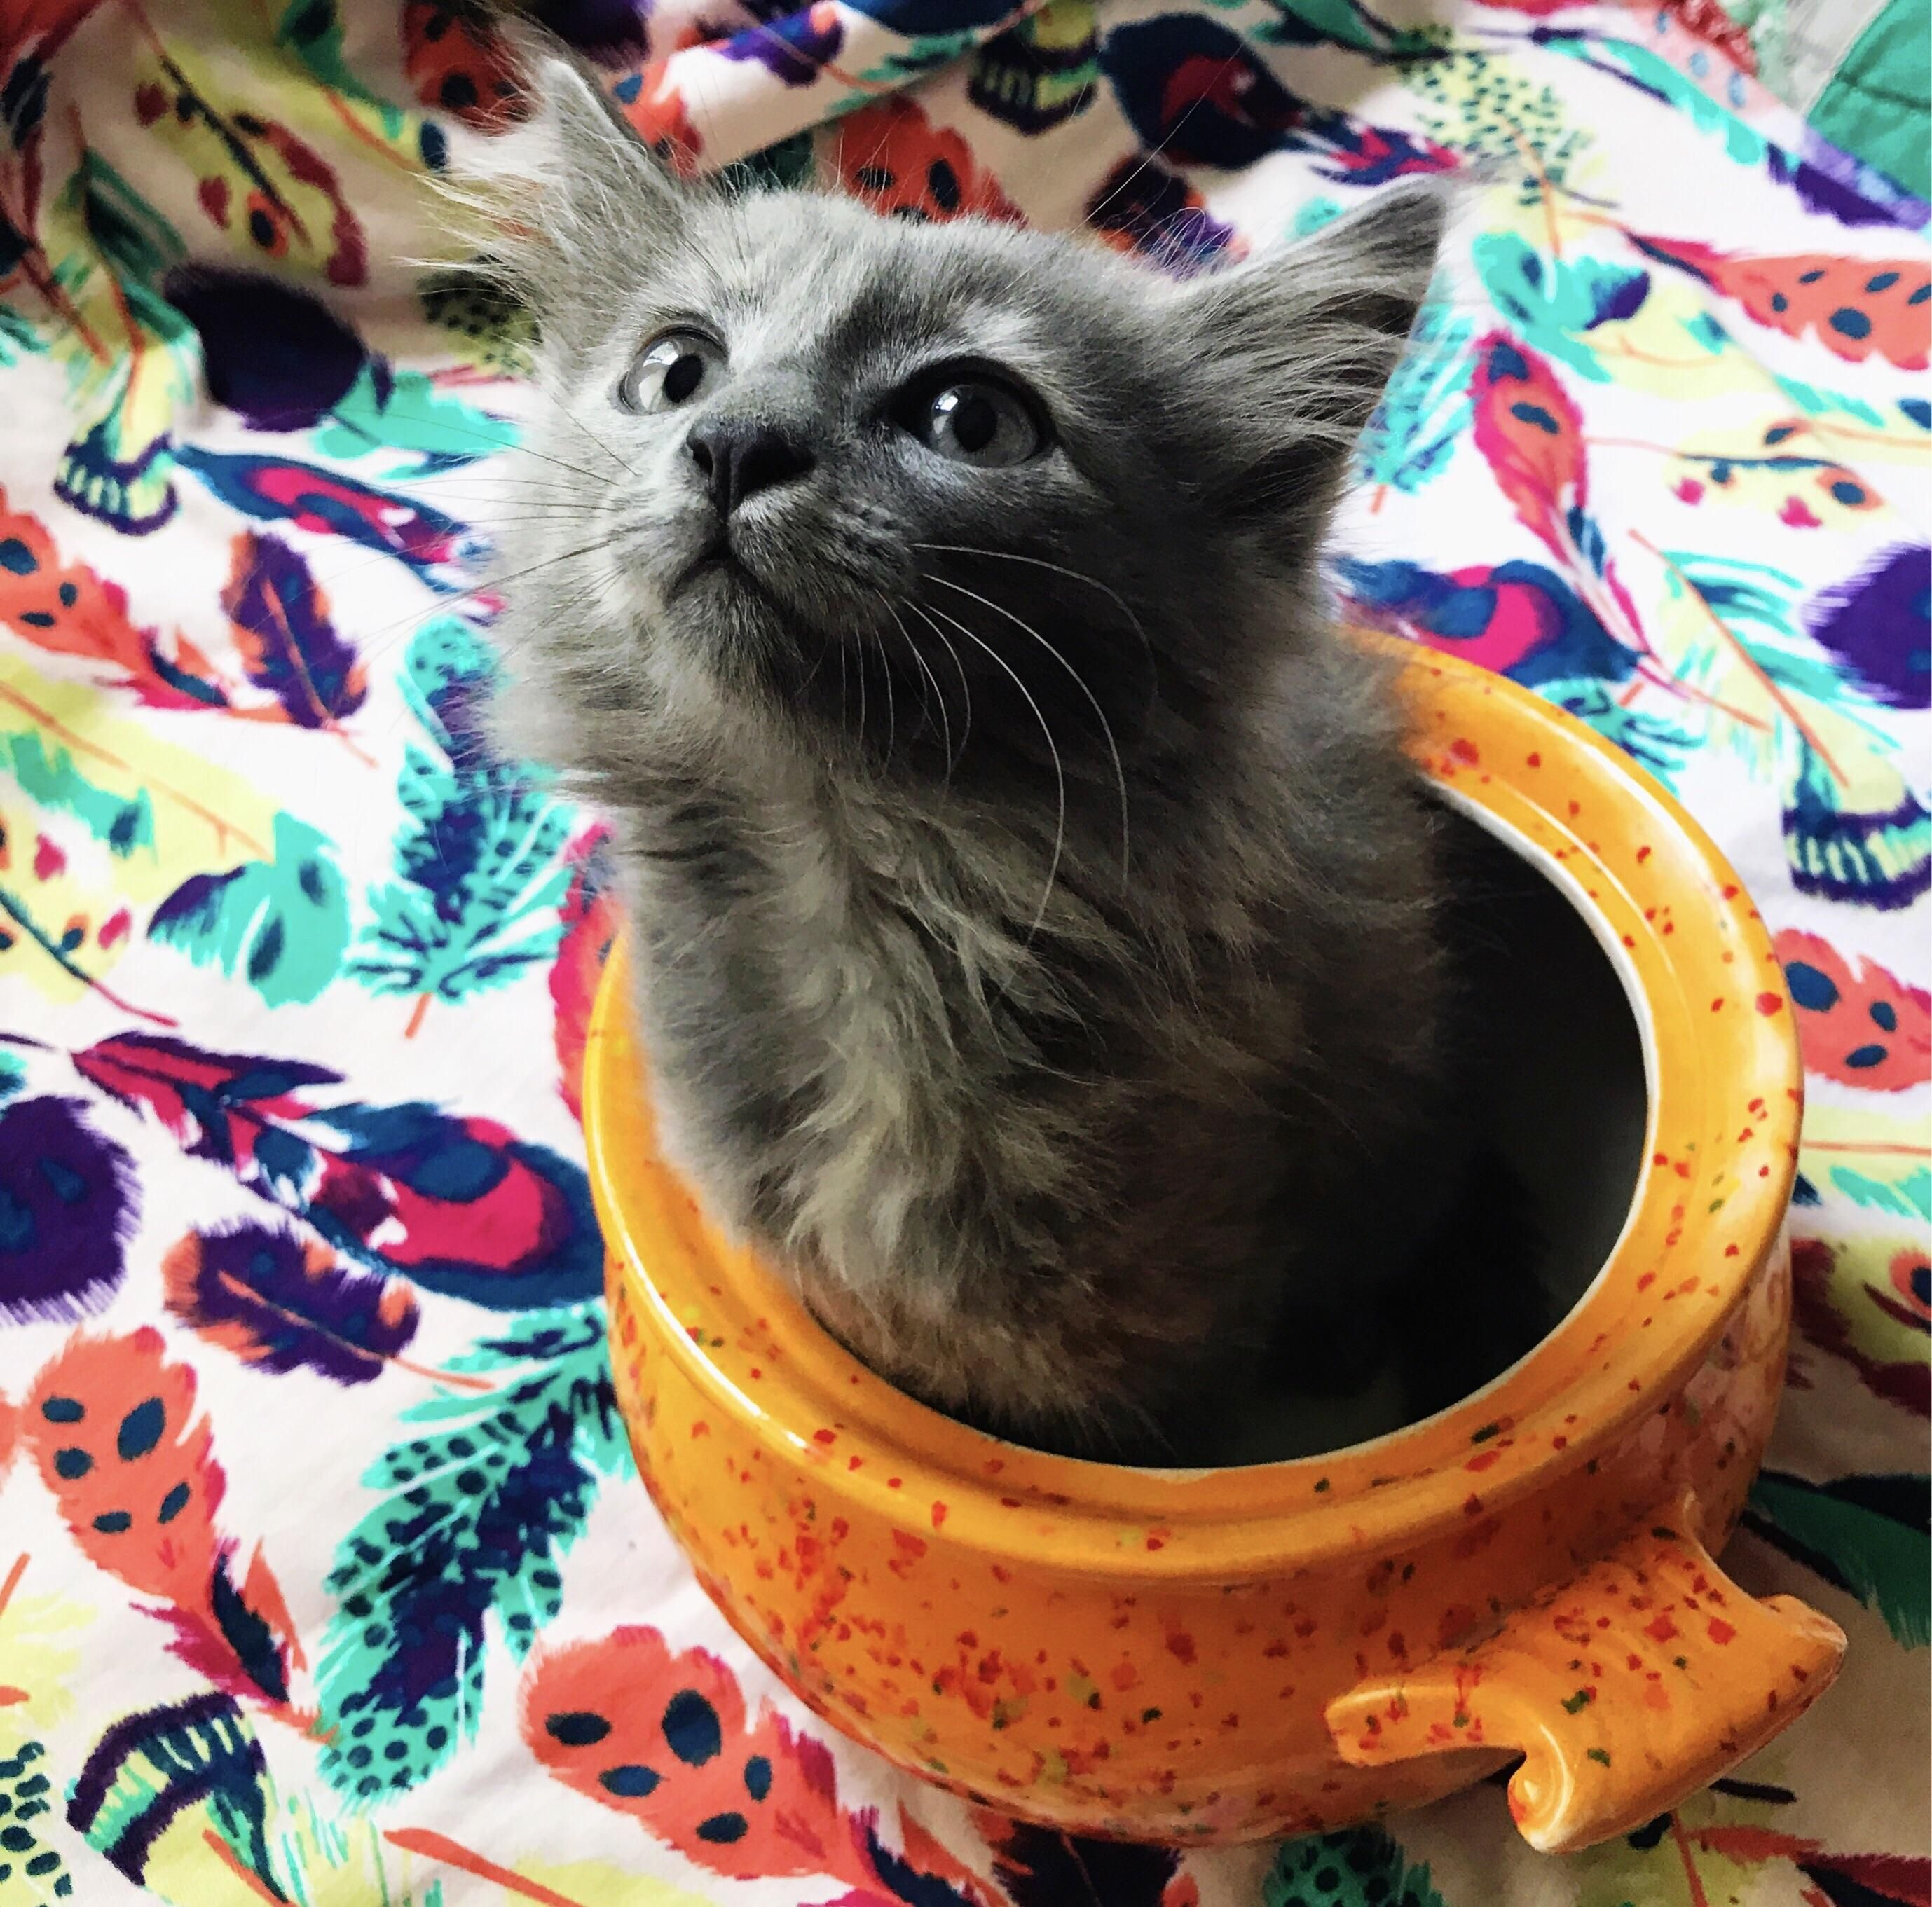 Reddit meet my new kitty Pippi http//ift.tt/2rDq0Um